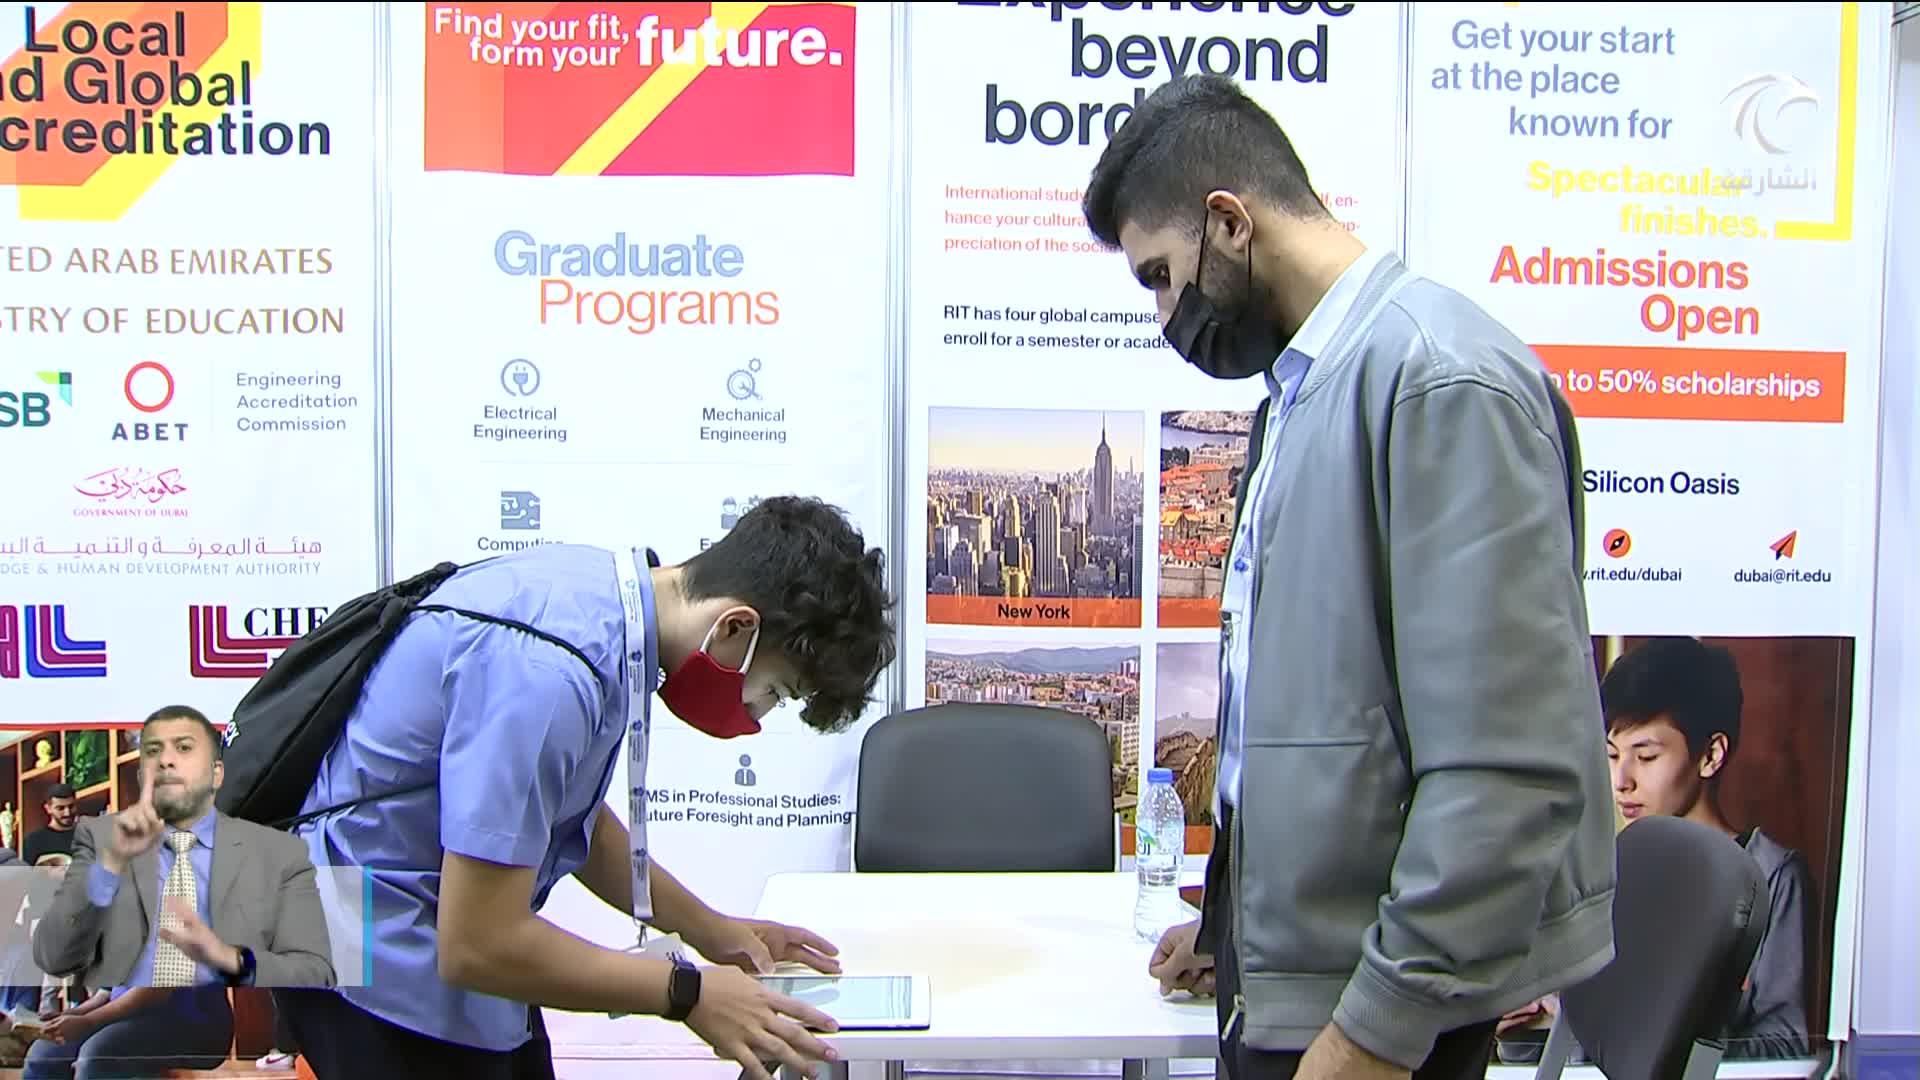 معرضي التعليم الدولي 2021 و الوطني للتوظيف يشهدان اقبالاً لافتاً من الزوار في يومهم الثاني